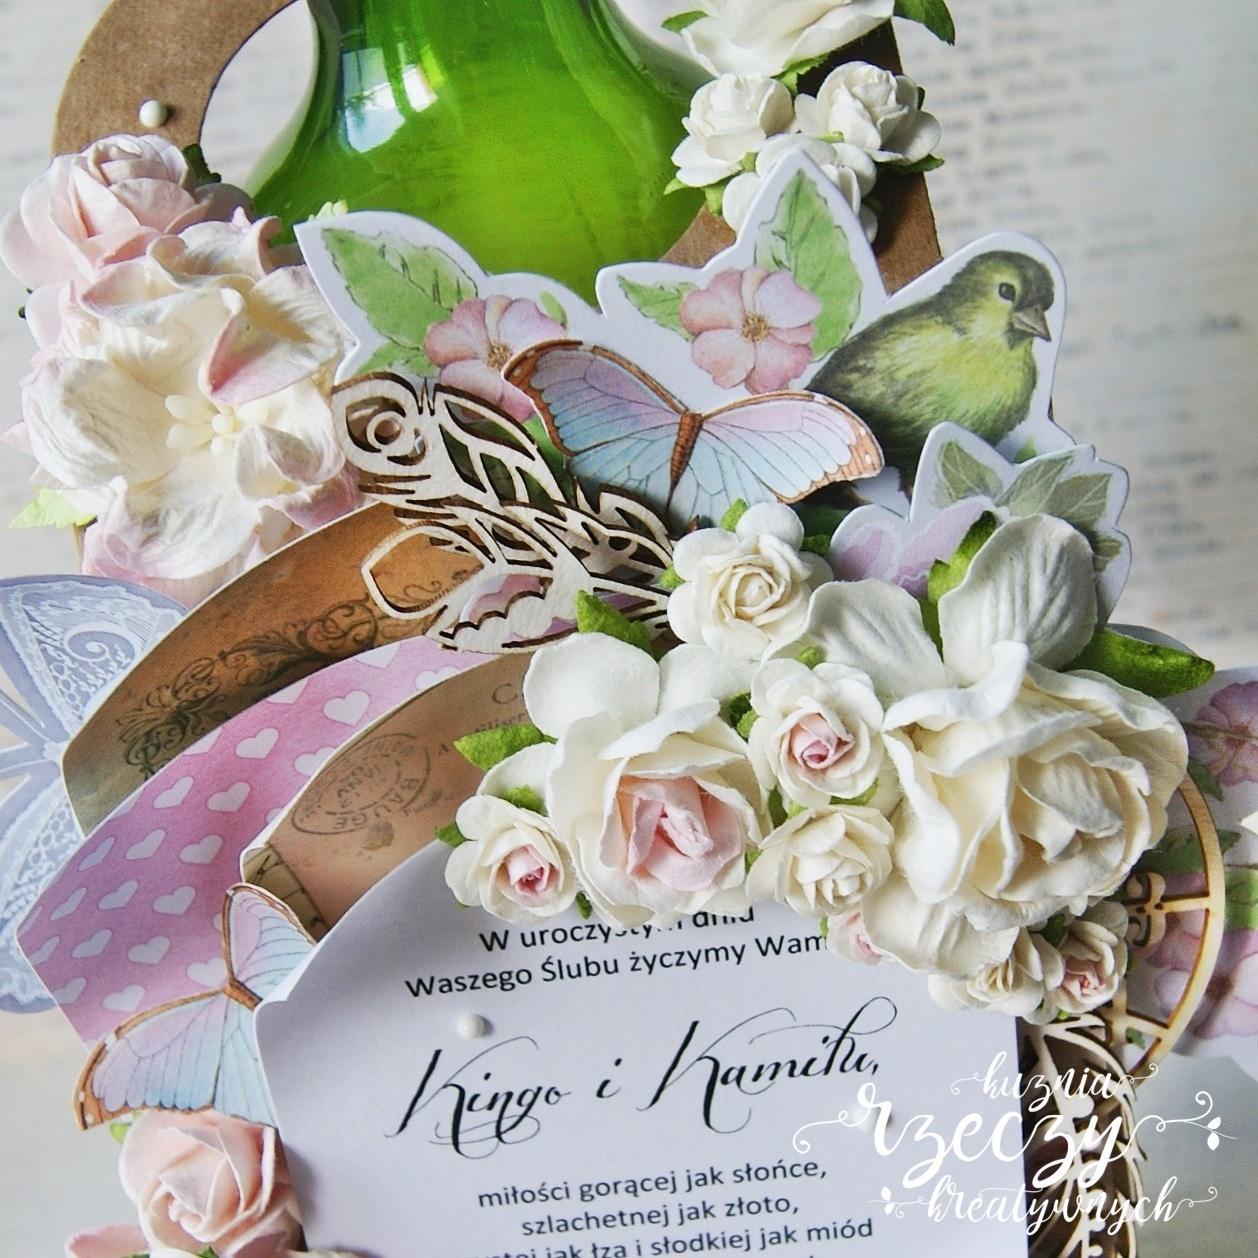 Pełna warstw, kwiatów i kolorów, etykieta na butelkę wina w prezencie ślubnym.